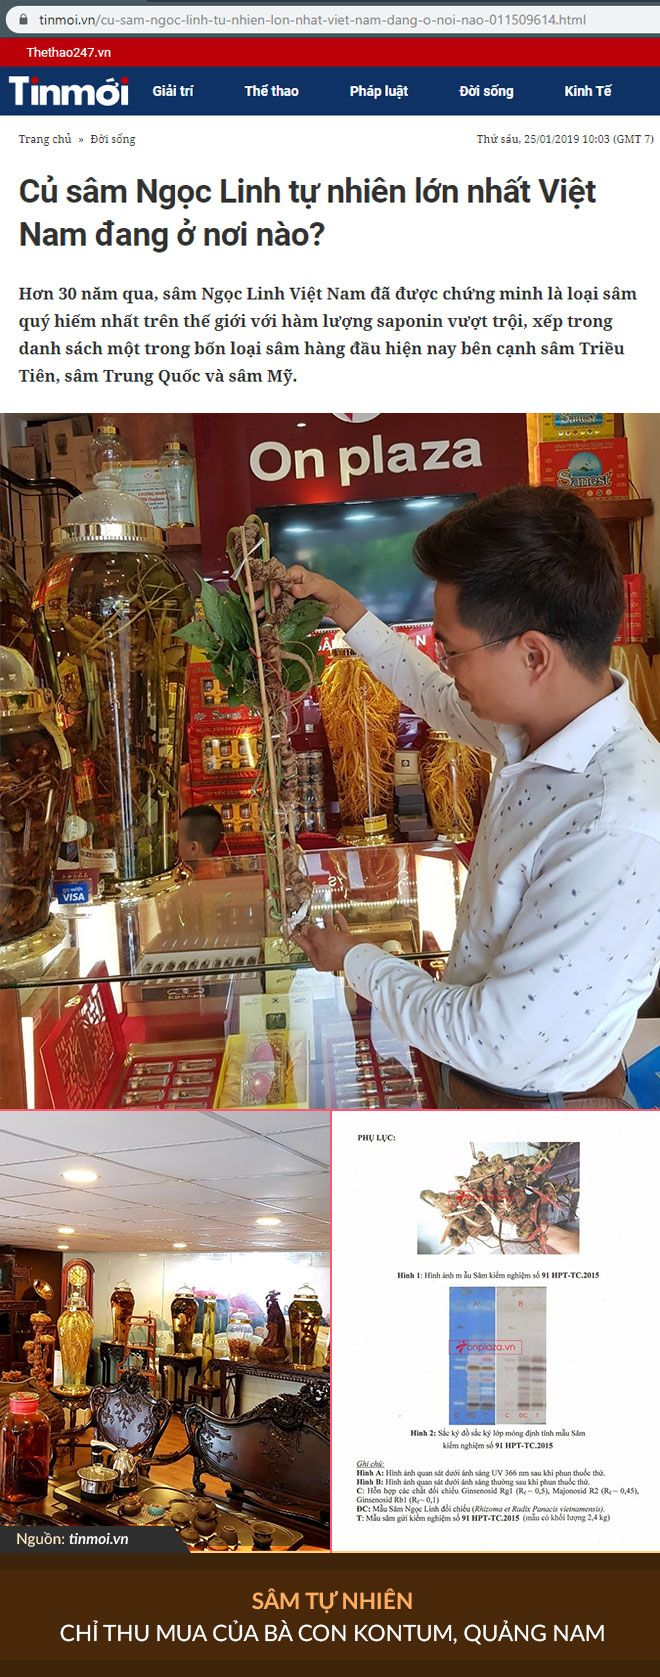 Trên báo Tin mới có bài viết về củ sâm lớn nhất Việt Nam đang có tại phòng trưng bày của anh Đào Quang